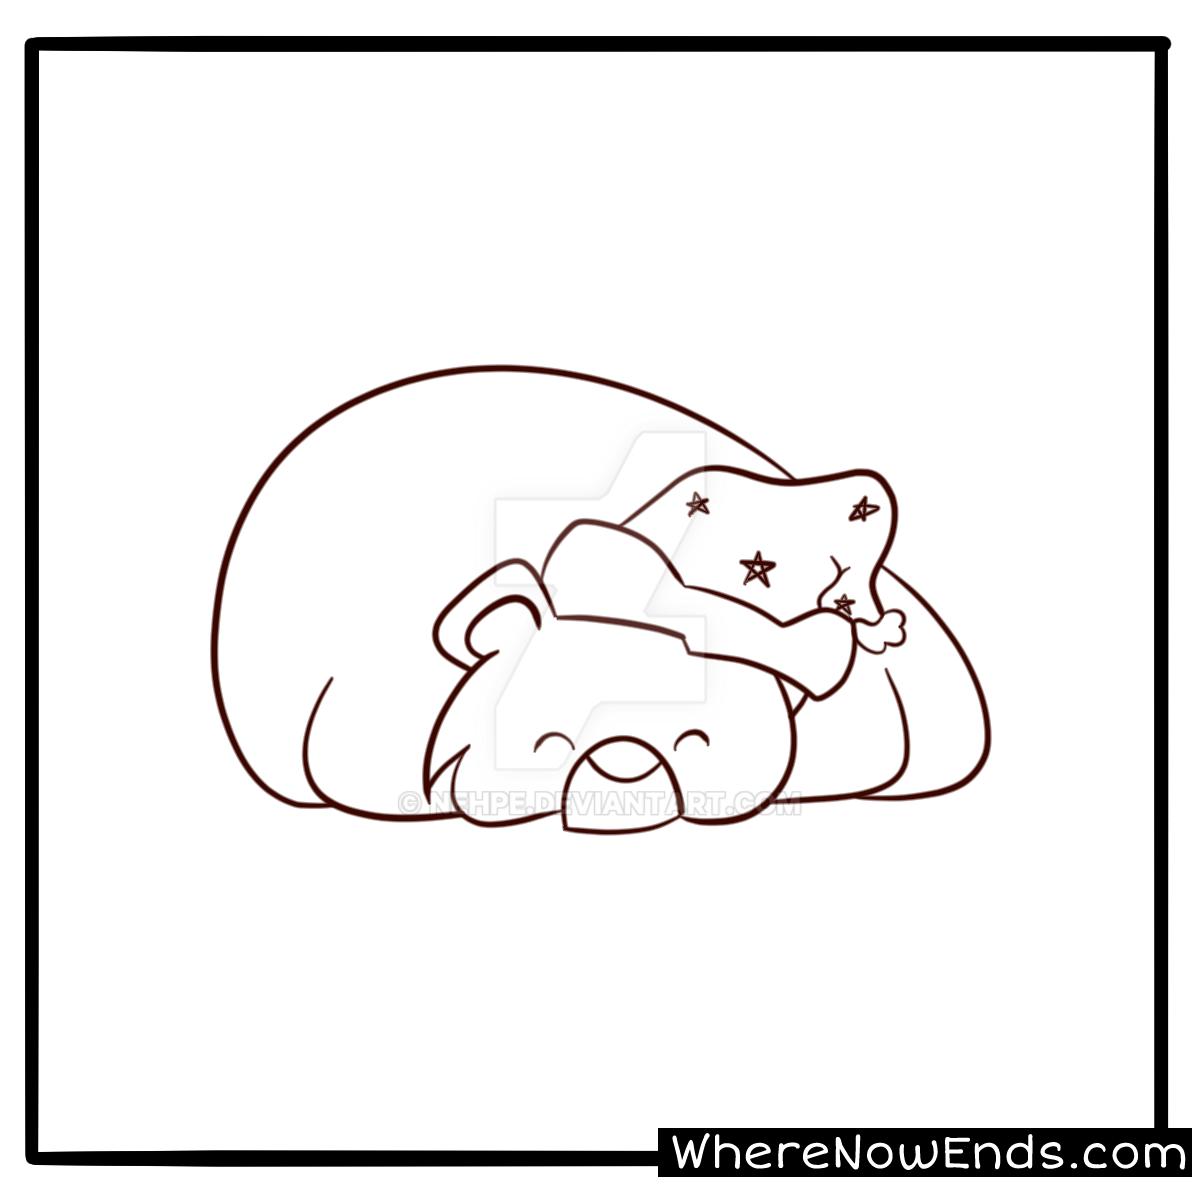 Bear by nehpe